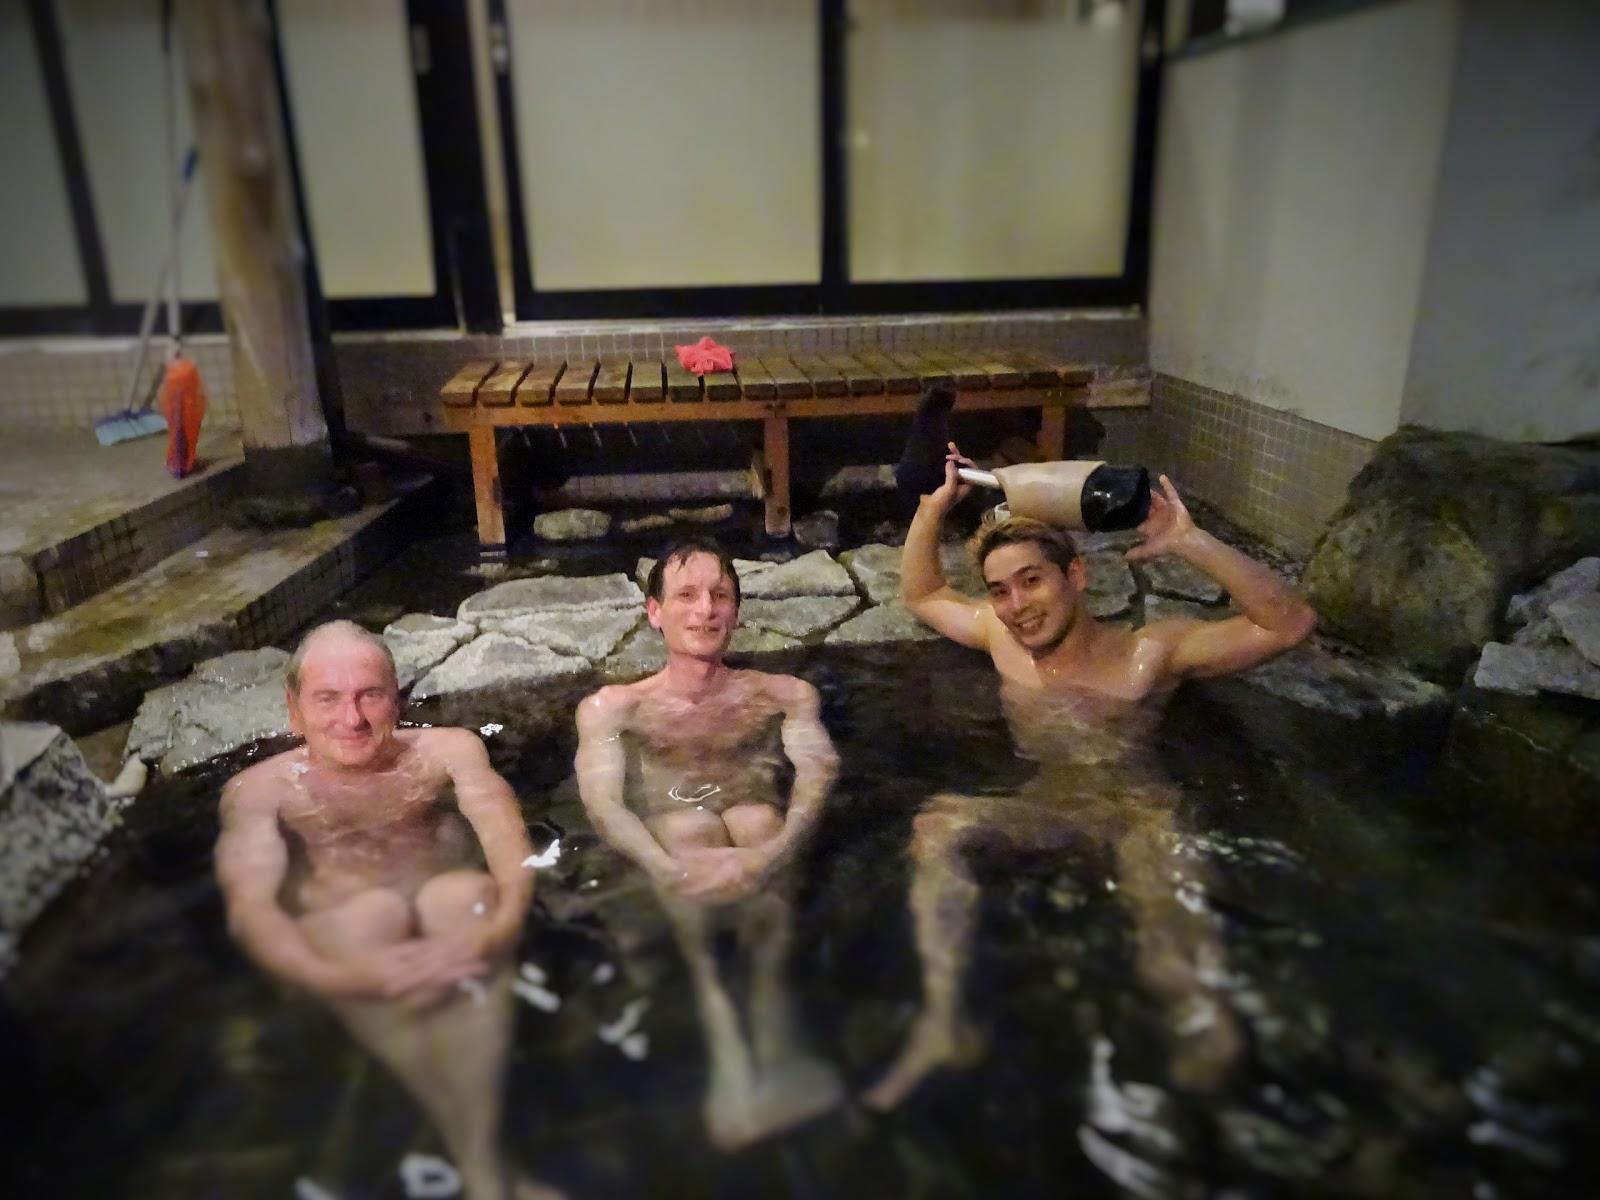 Japanese onsen nude Nude Photos 37